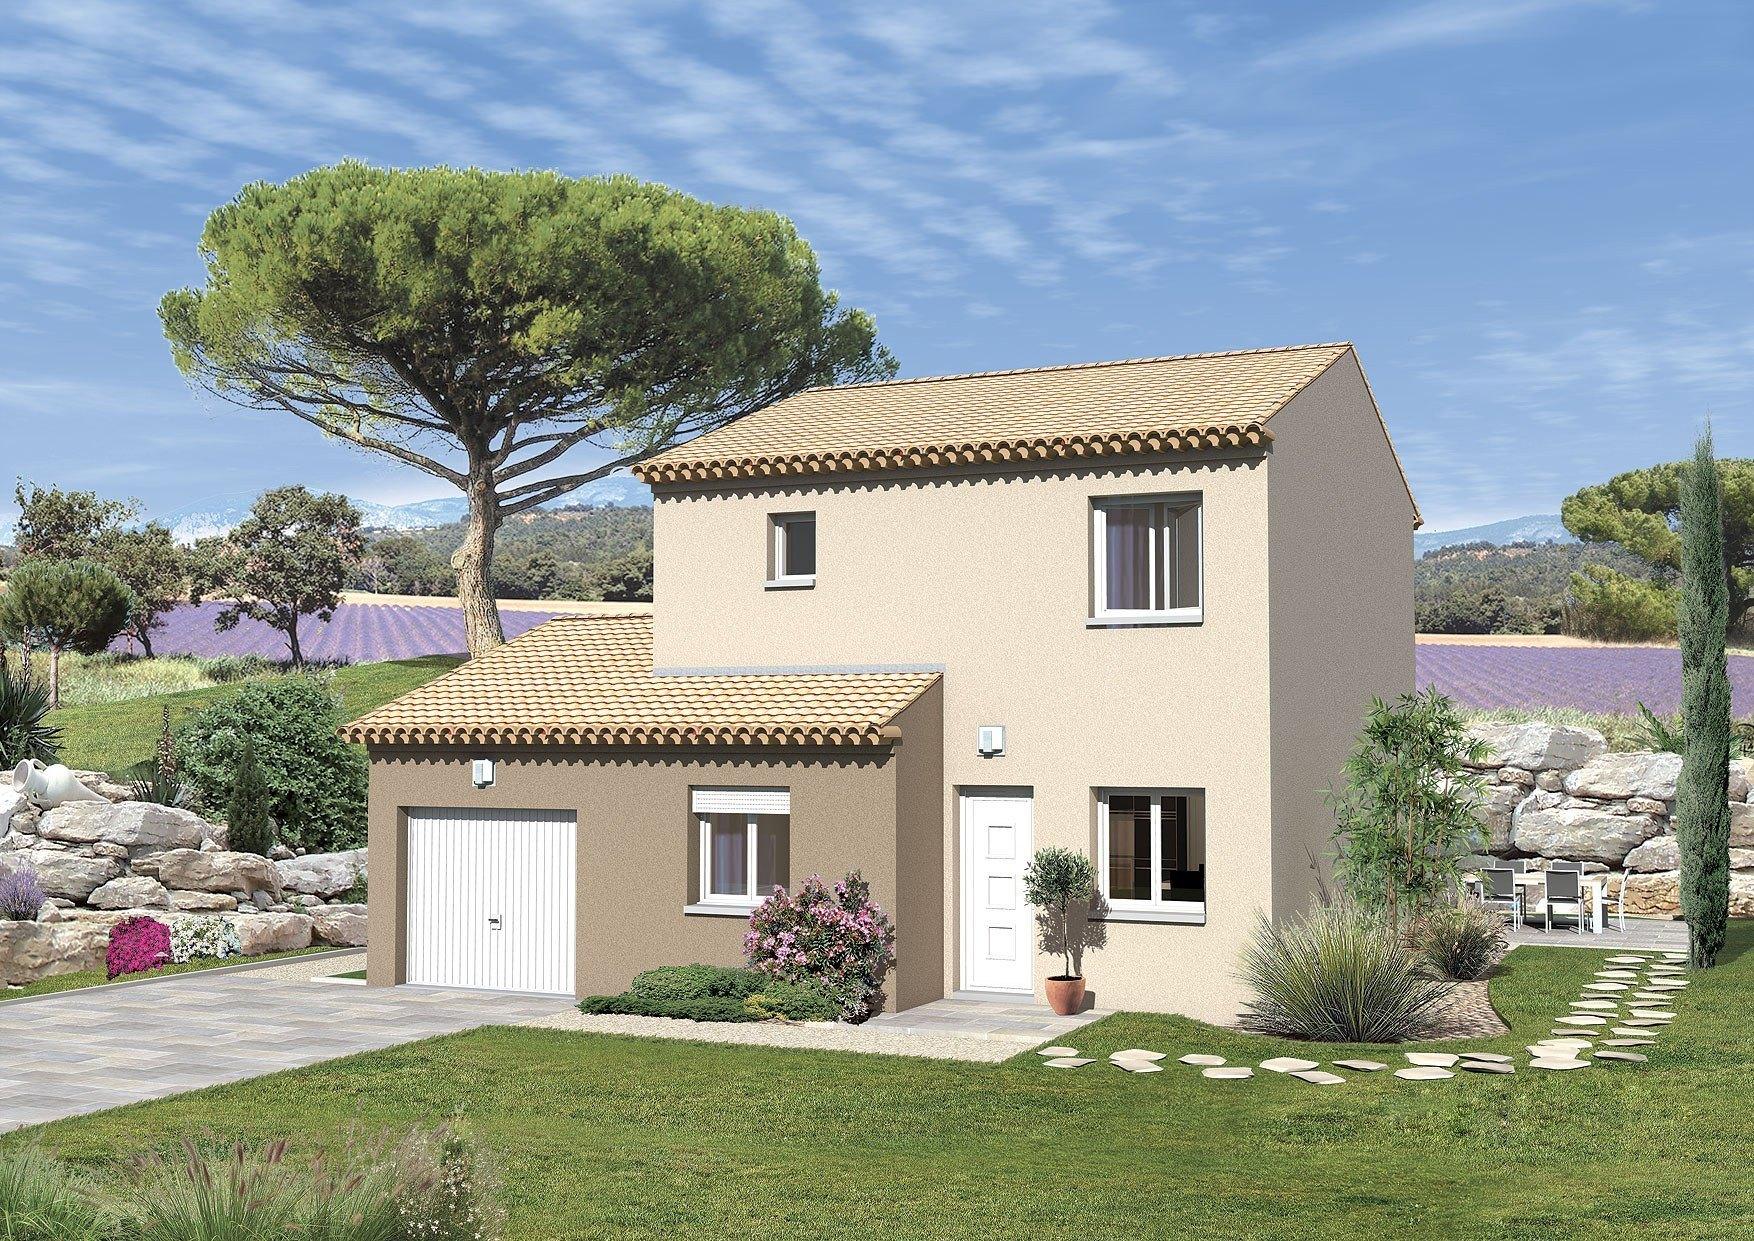 Maisons + Terrains du constructeur MAISONS PUNCH • 91 m² • ROBION